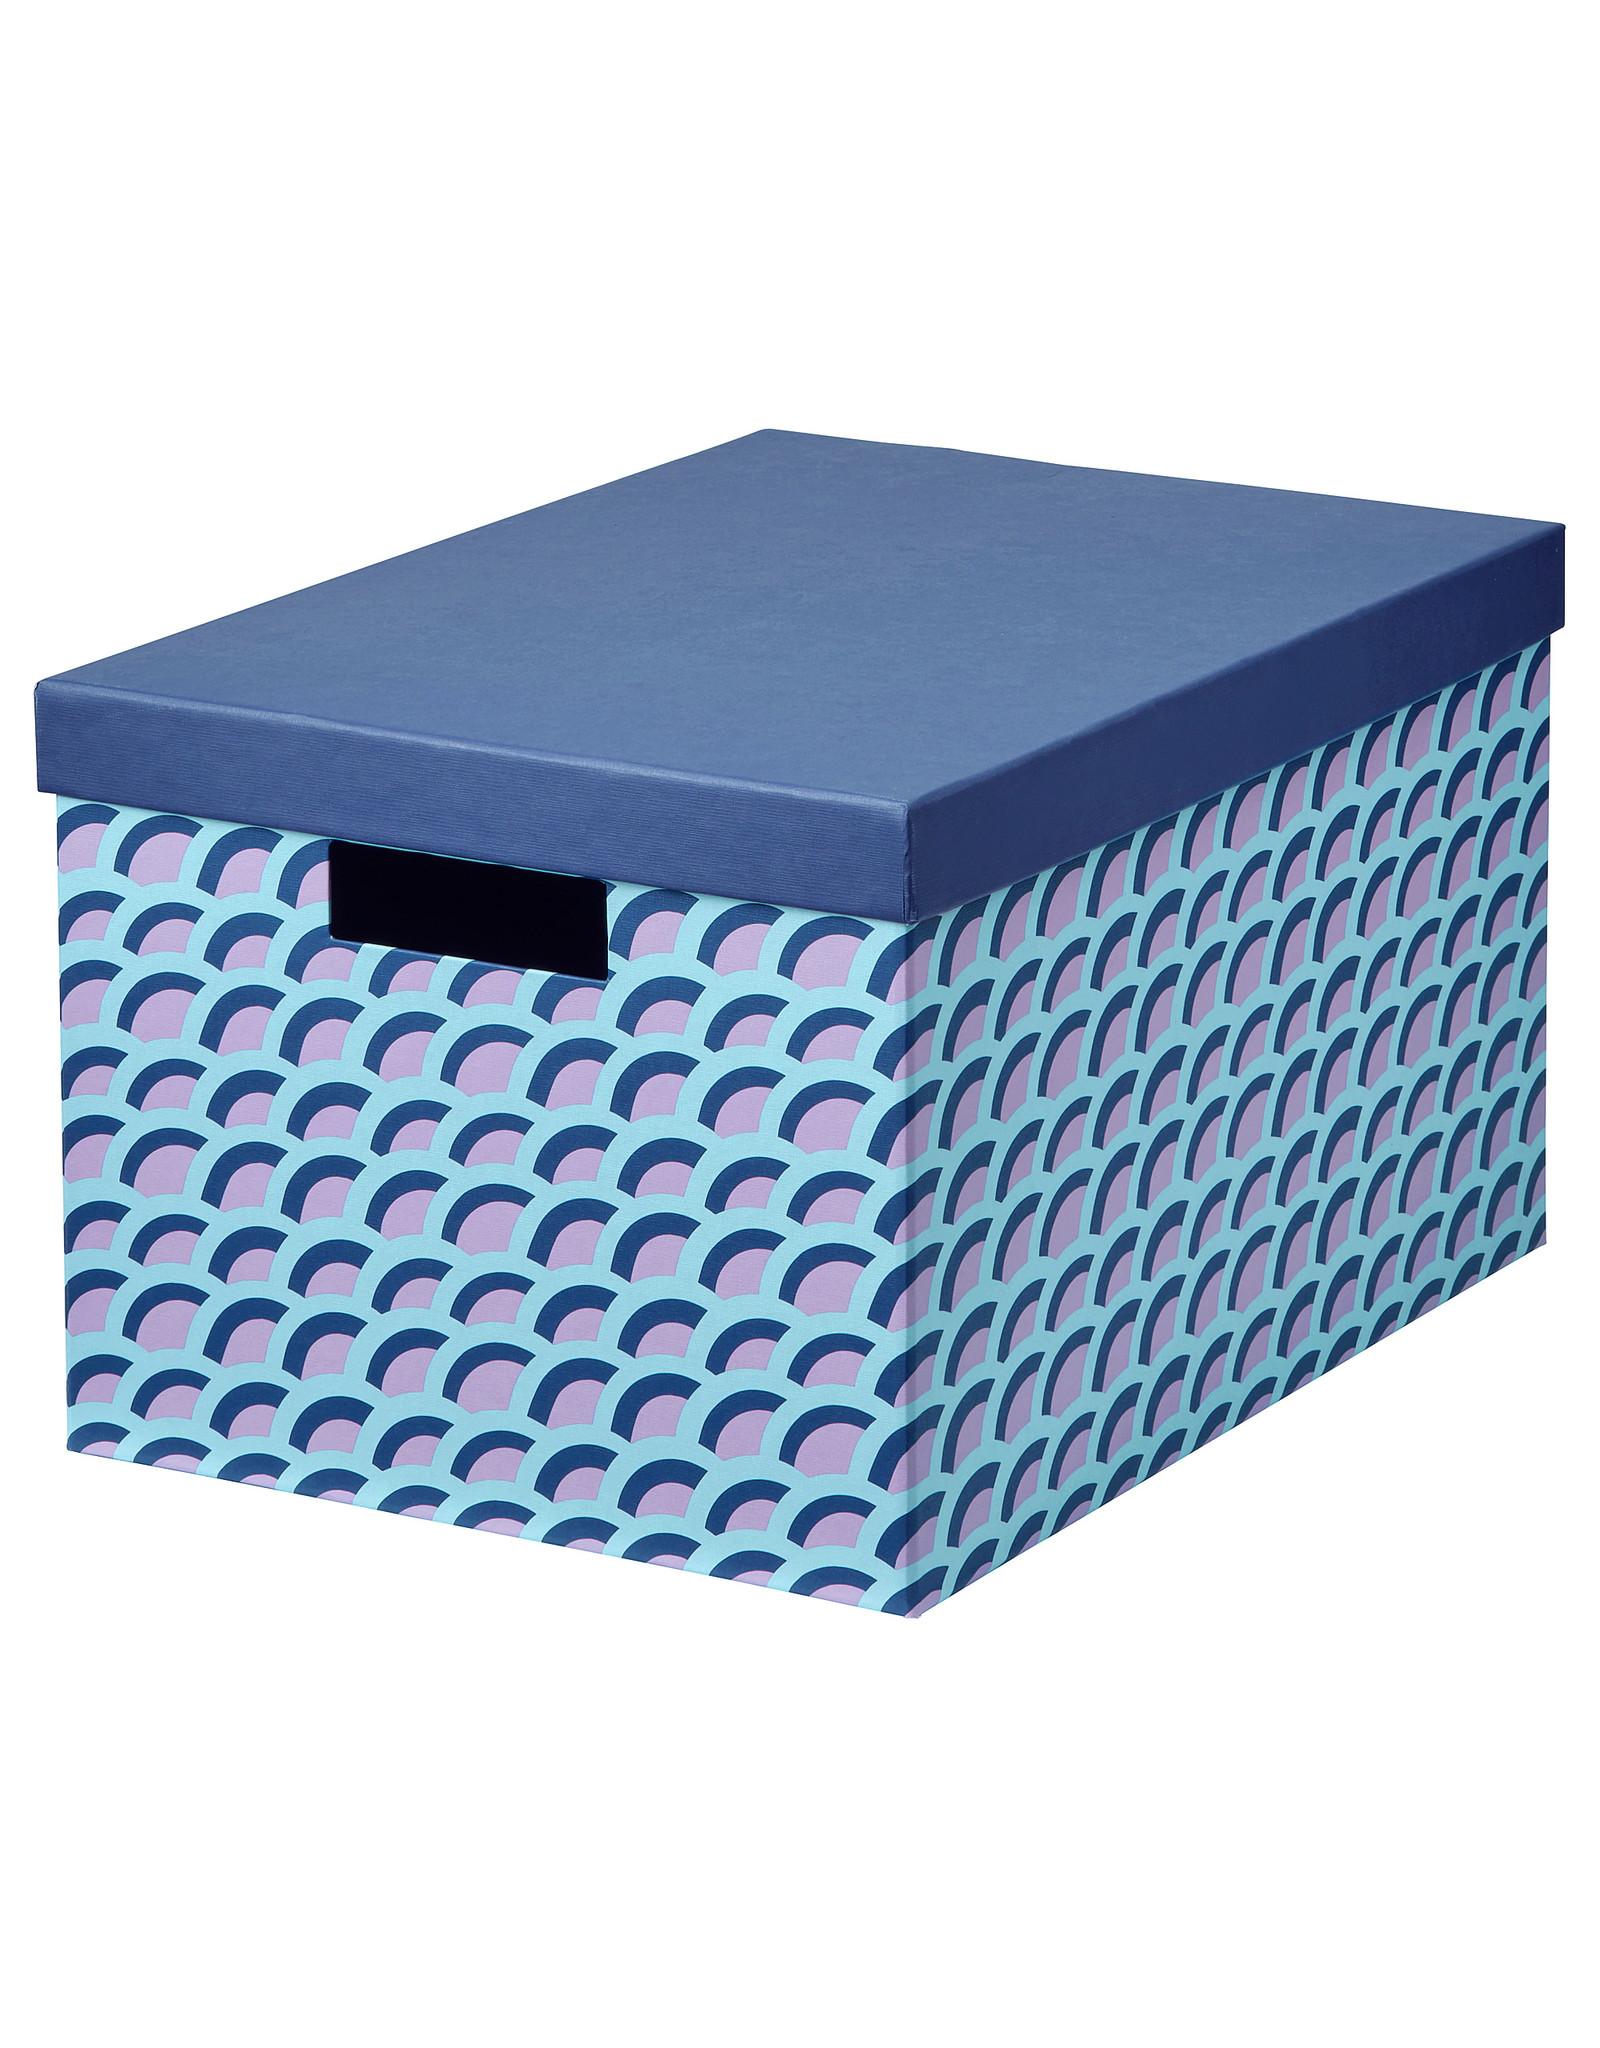 Ikea TJENA - Doos met deksel, blauw/veelkleurig25x35x20 cm